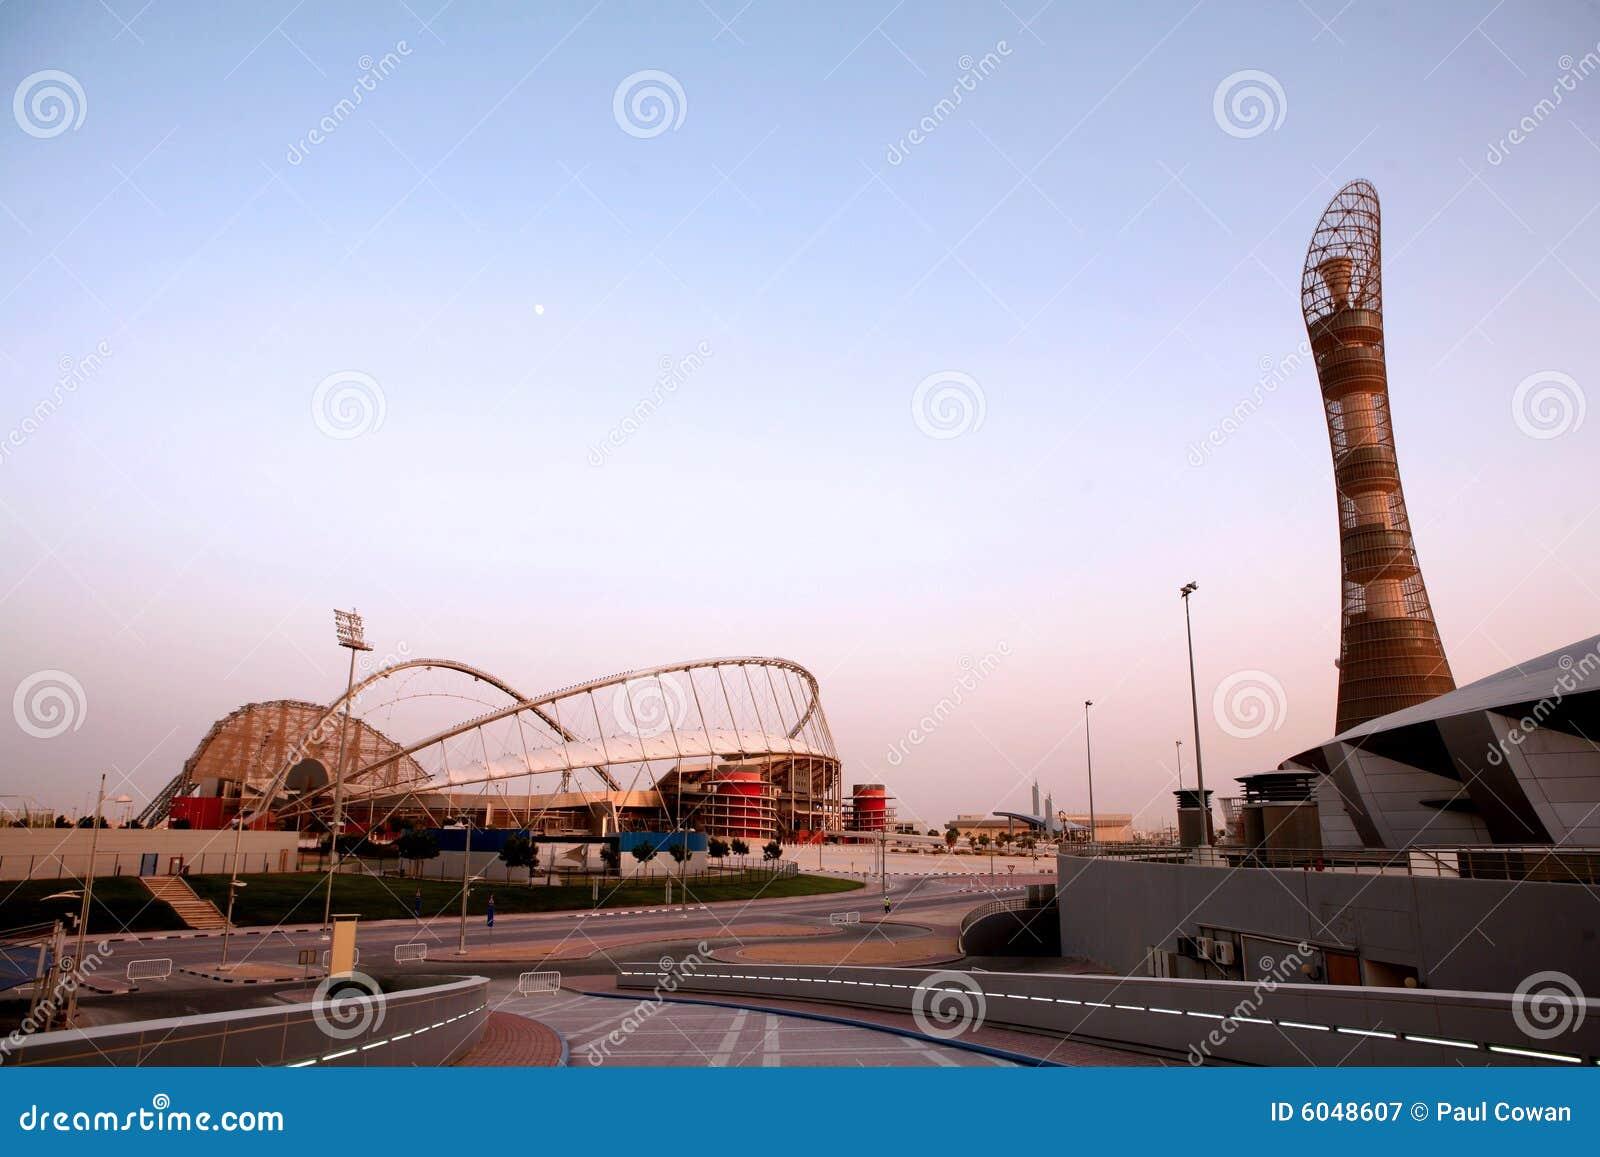 学院向往黄昏卡塔尔s体育运动